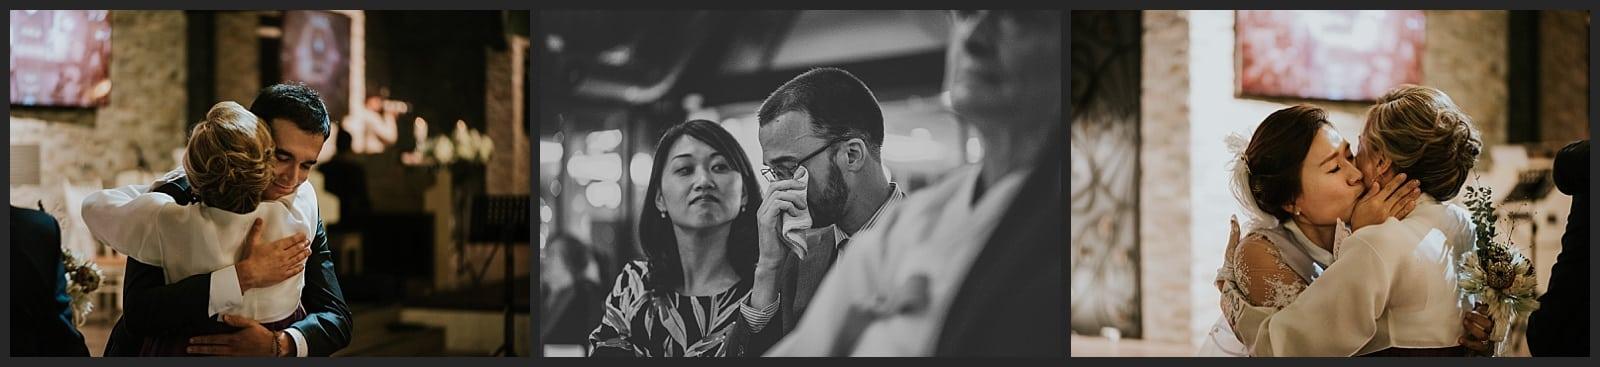 Mère du marié qui enlace les mariés, frère du marié qui a une larme d'émotion, wedding hall seoul photo vivien malagnat